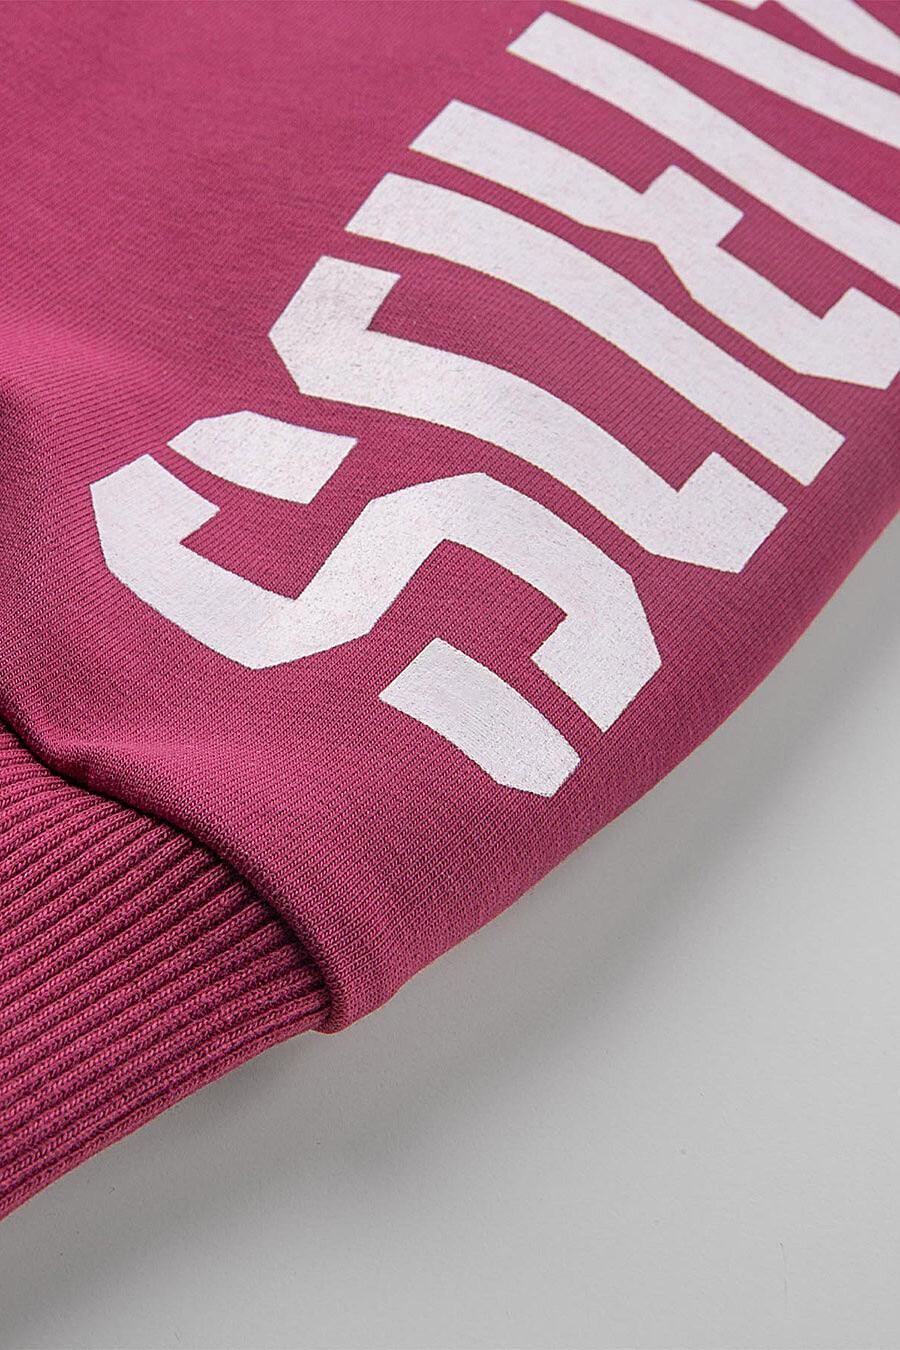 Брюки для девочек BOSSA NOVA 219661 купить оптом от производителя. Совместная покупка детской одежды в OptMoyo